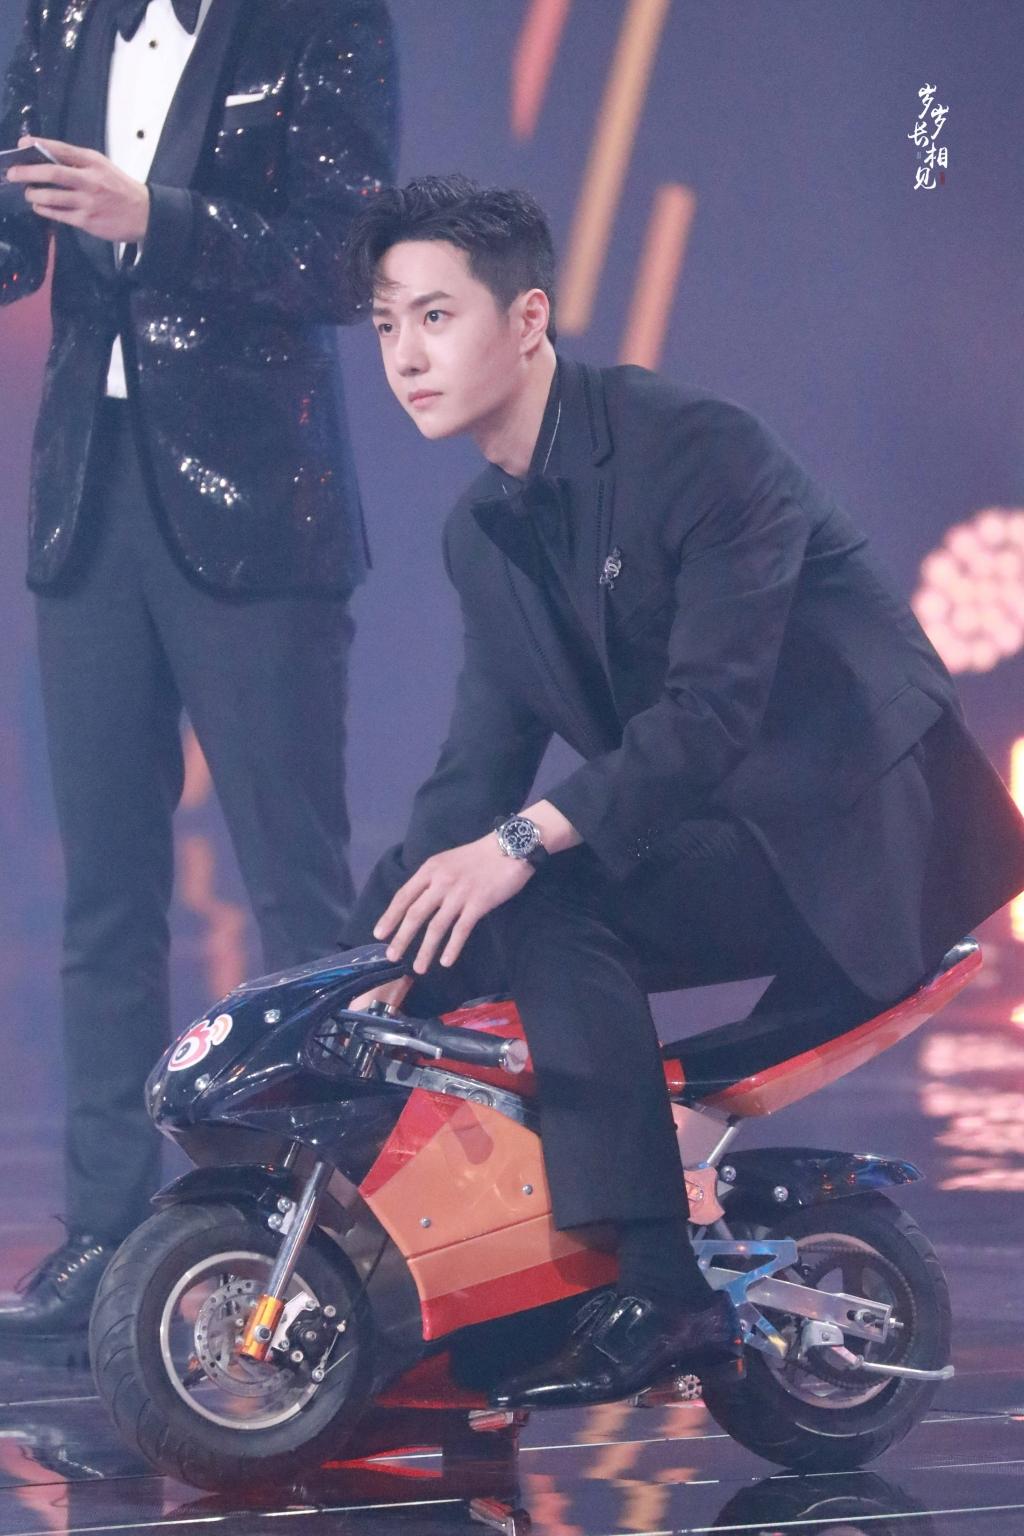 Đêm Weibo 2020: Hoàng Tử Thao và Vương Nhất Bác lái 'siêu xe' lên sân khấu nhận giải